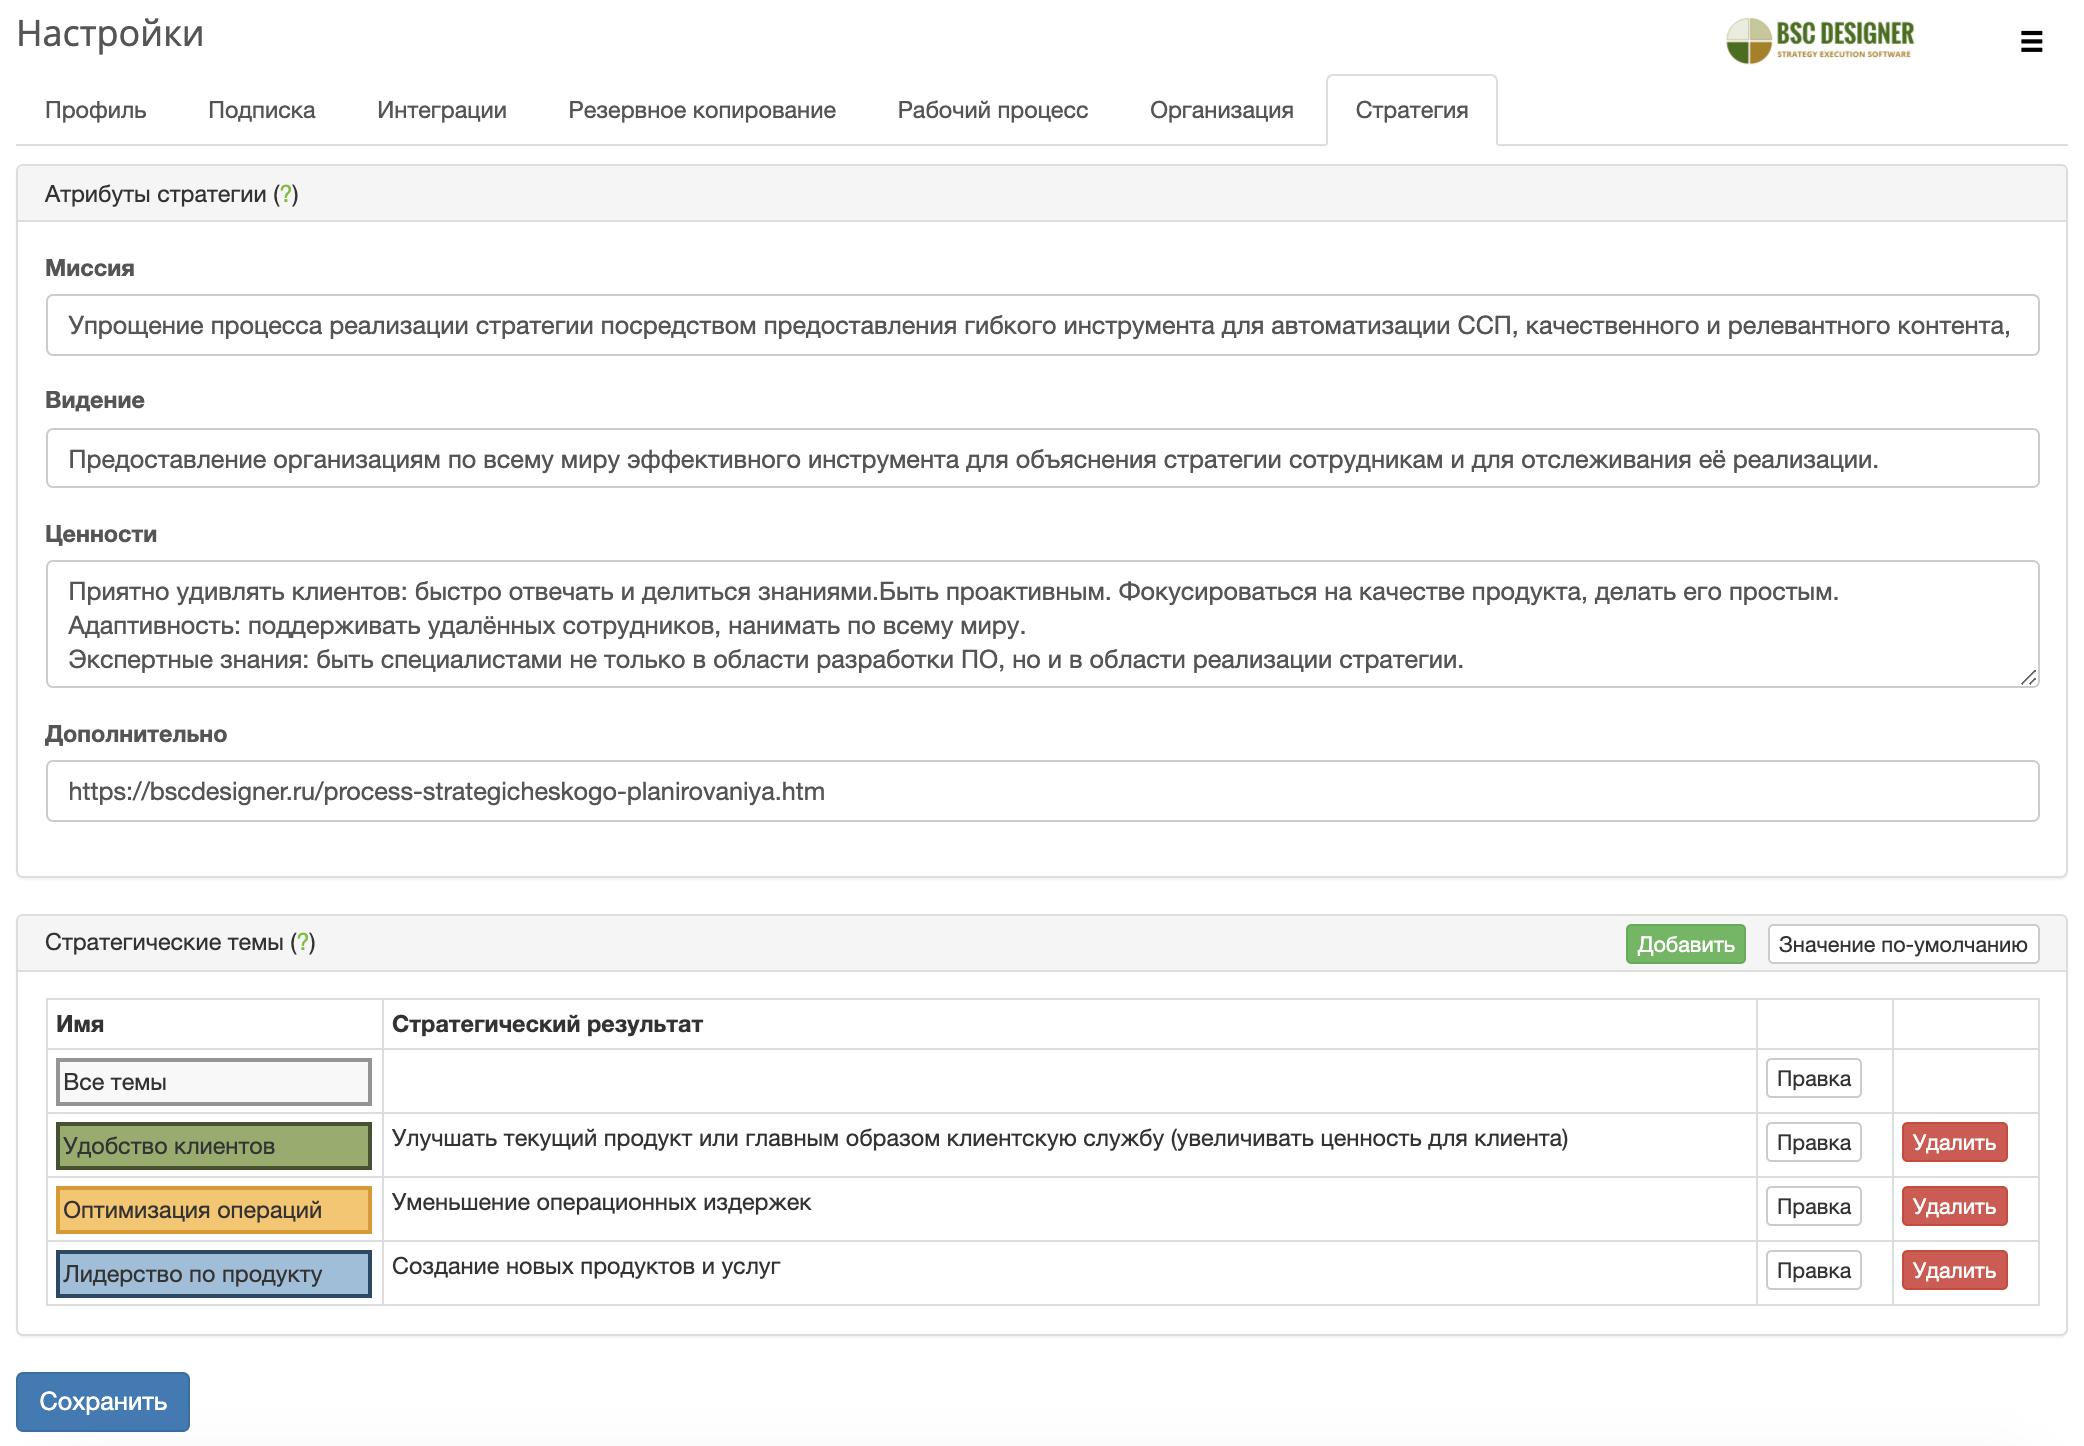 Пример миссии, видения, ценностей - стратегия компании - BSC Designer